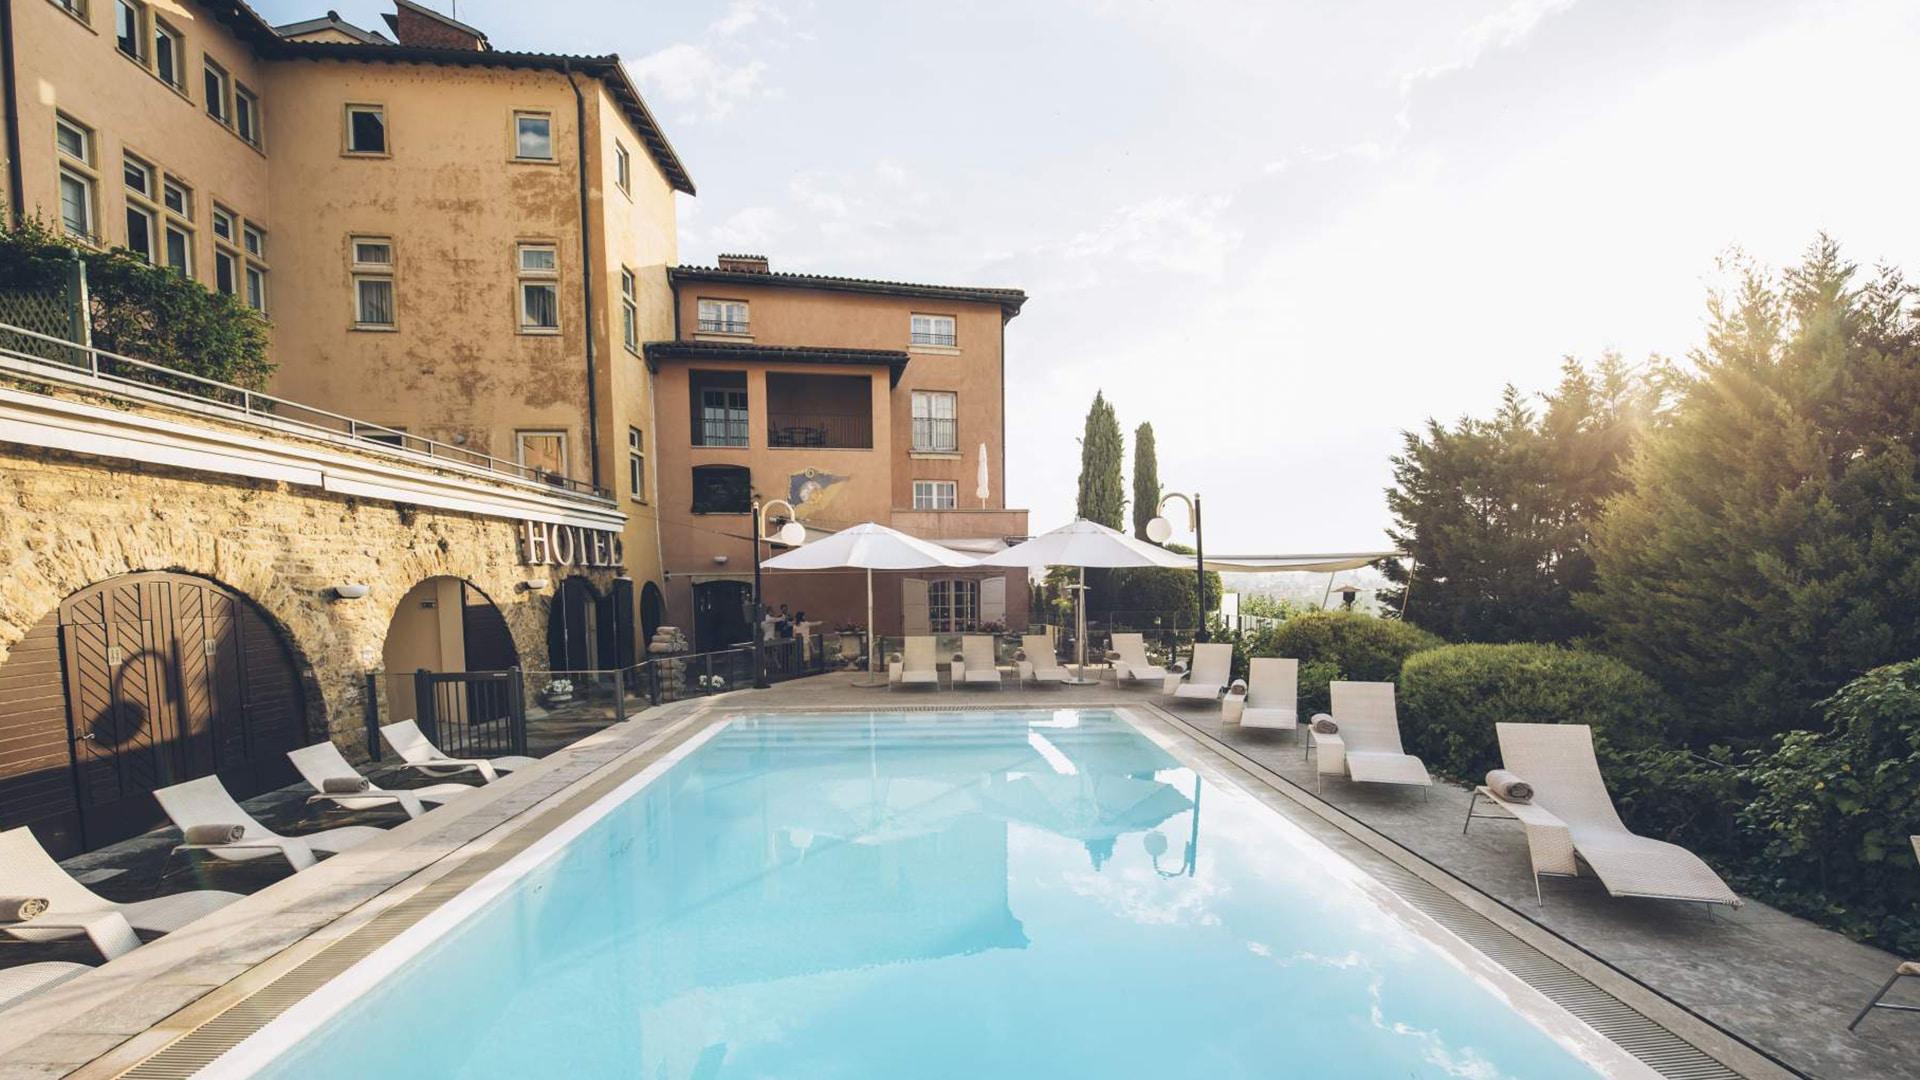 Hôtels 5 étoiles à Lyon : Villa Florentine